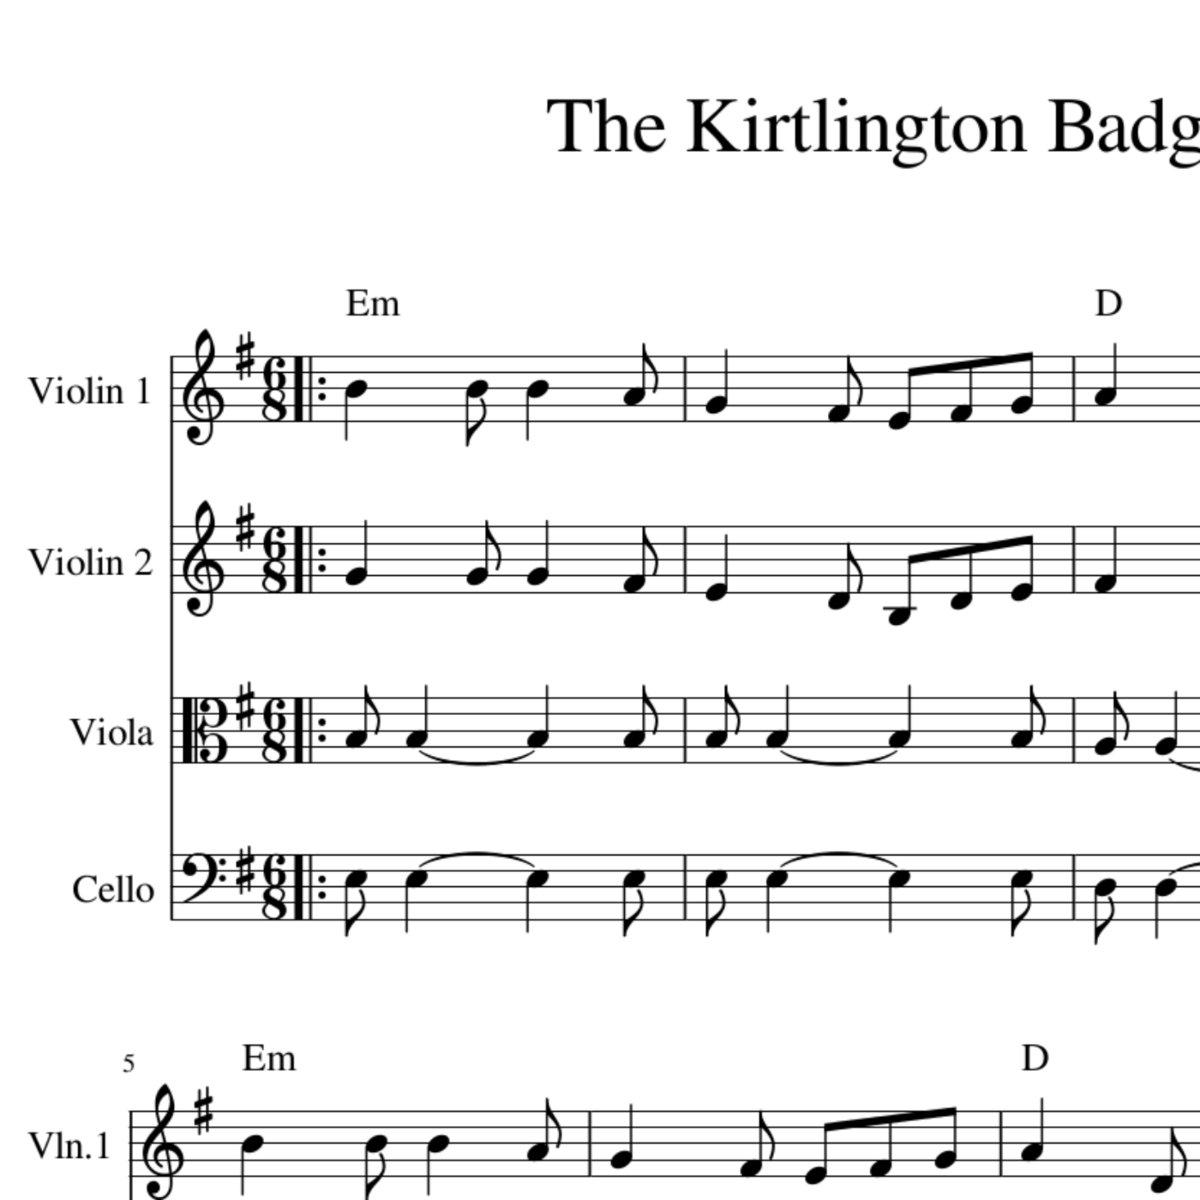 The Kirtlington Badger - New English Folk Tune for String